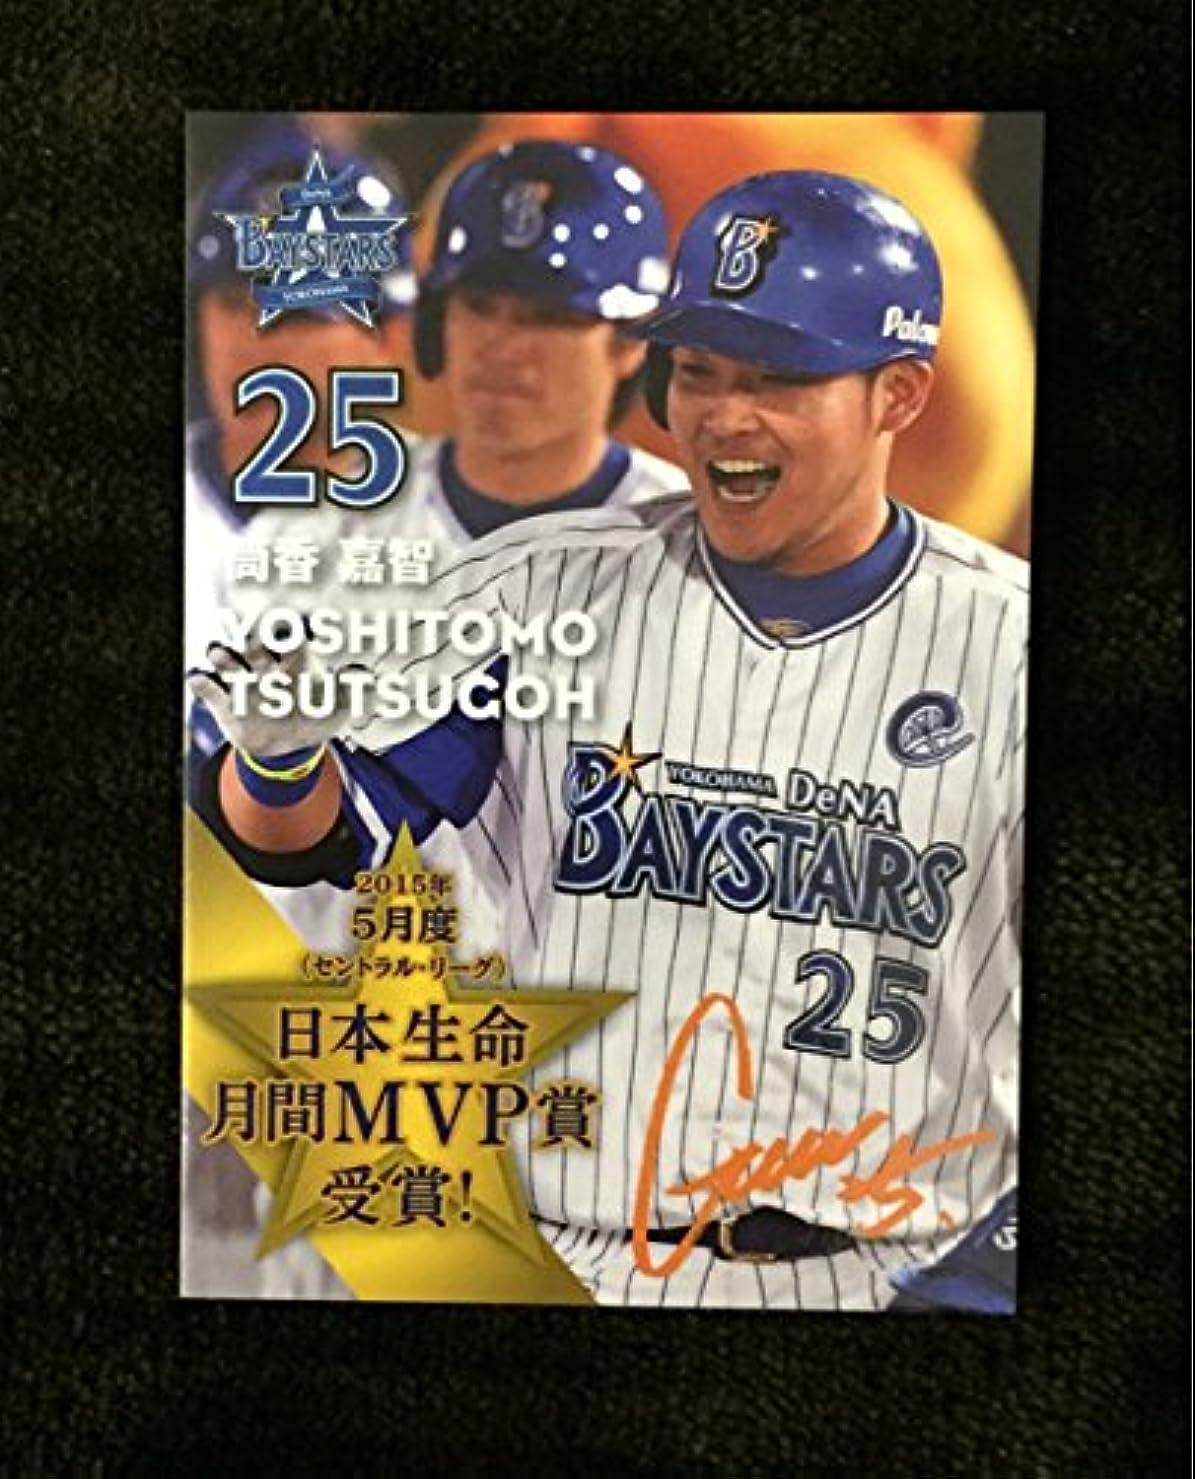 からかう連合経過横浜ベイスターズ 月間MVPカード #25筒香嘉智